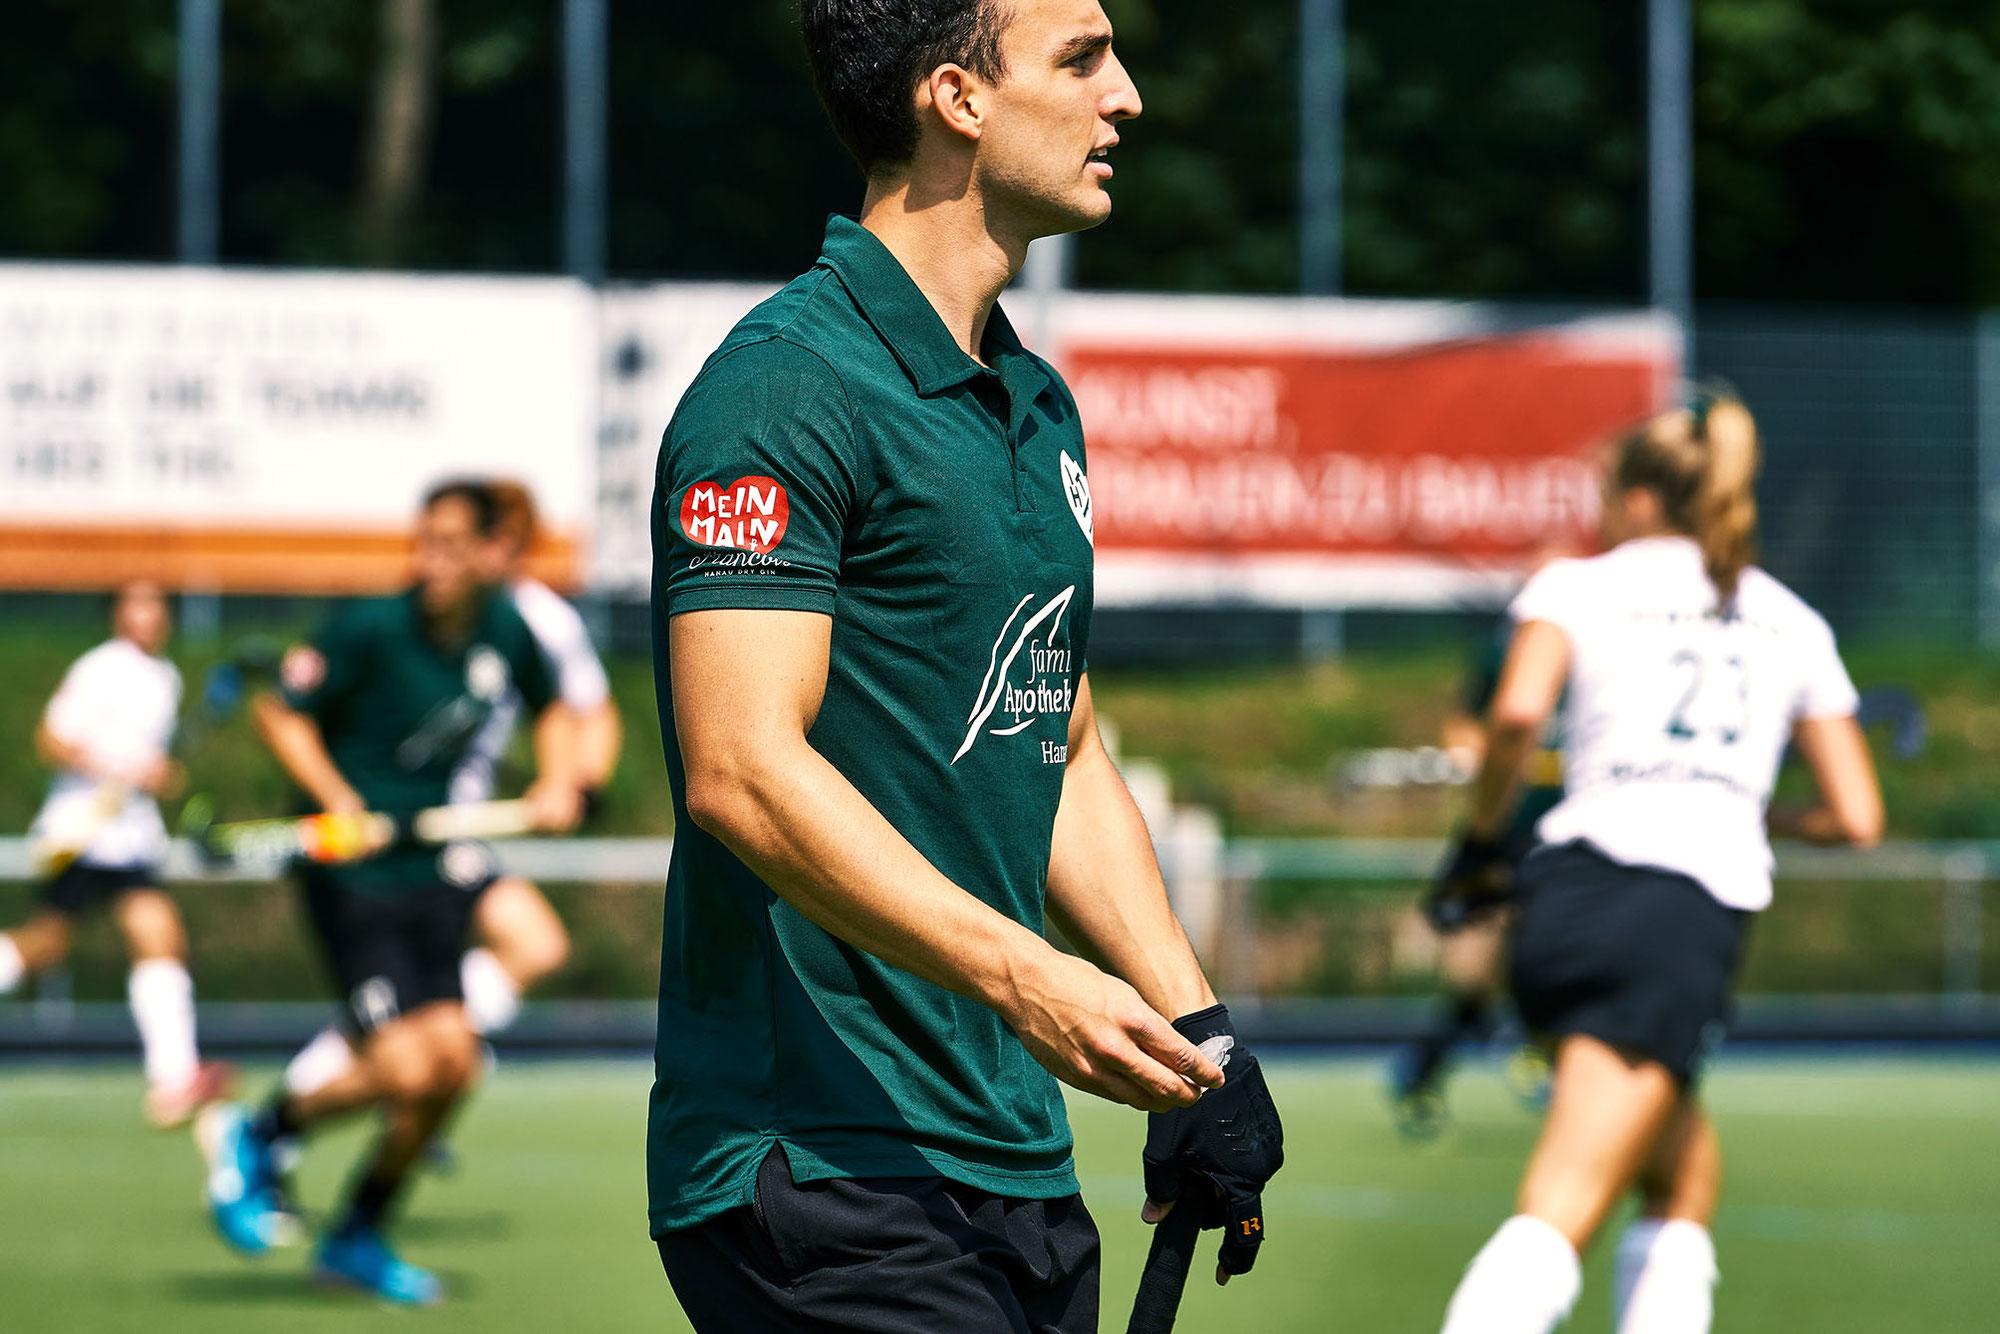 MEIN MAIN wird Sponsor des 1. Hanauer Tennis- und Hockey-Clubs